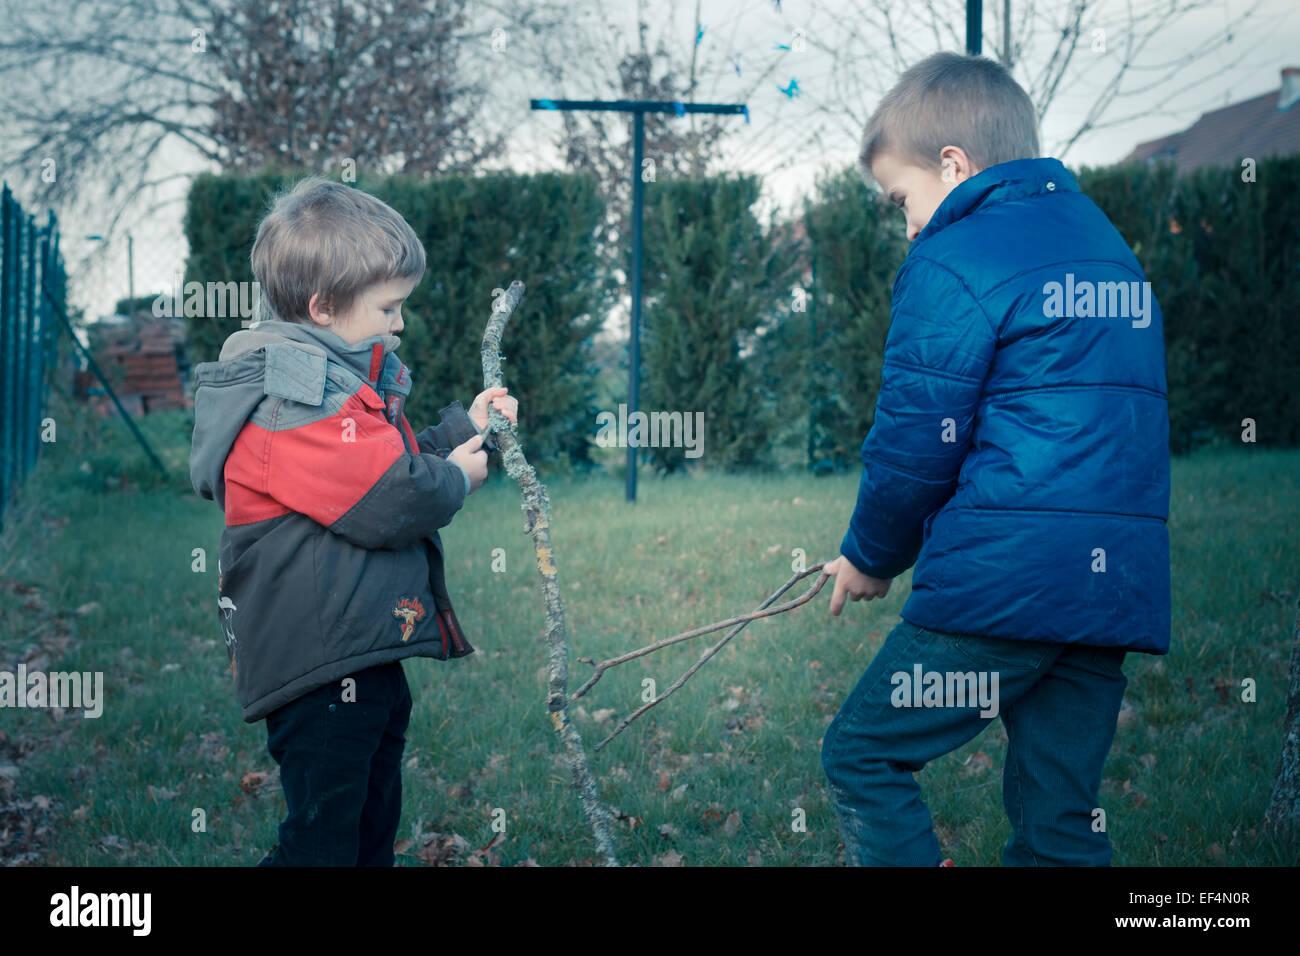 Bambini fratelli giocare all'aperto francia Immagini Stock